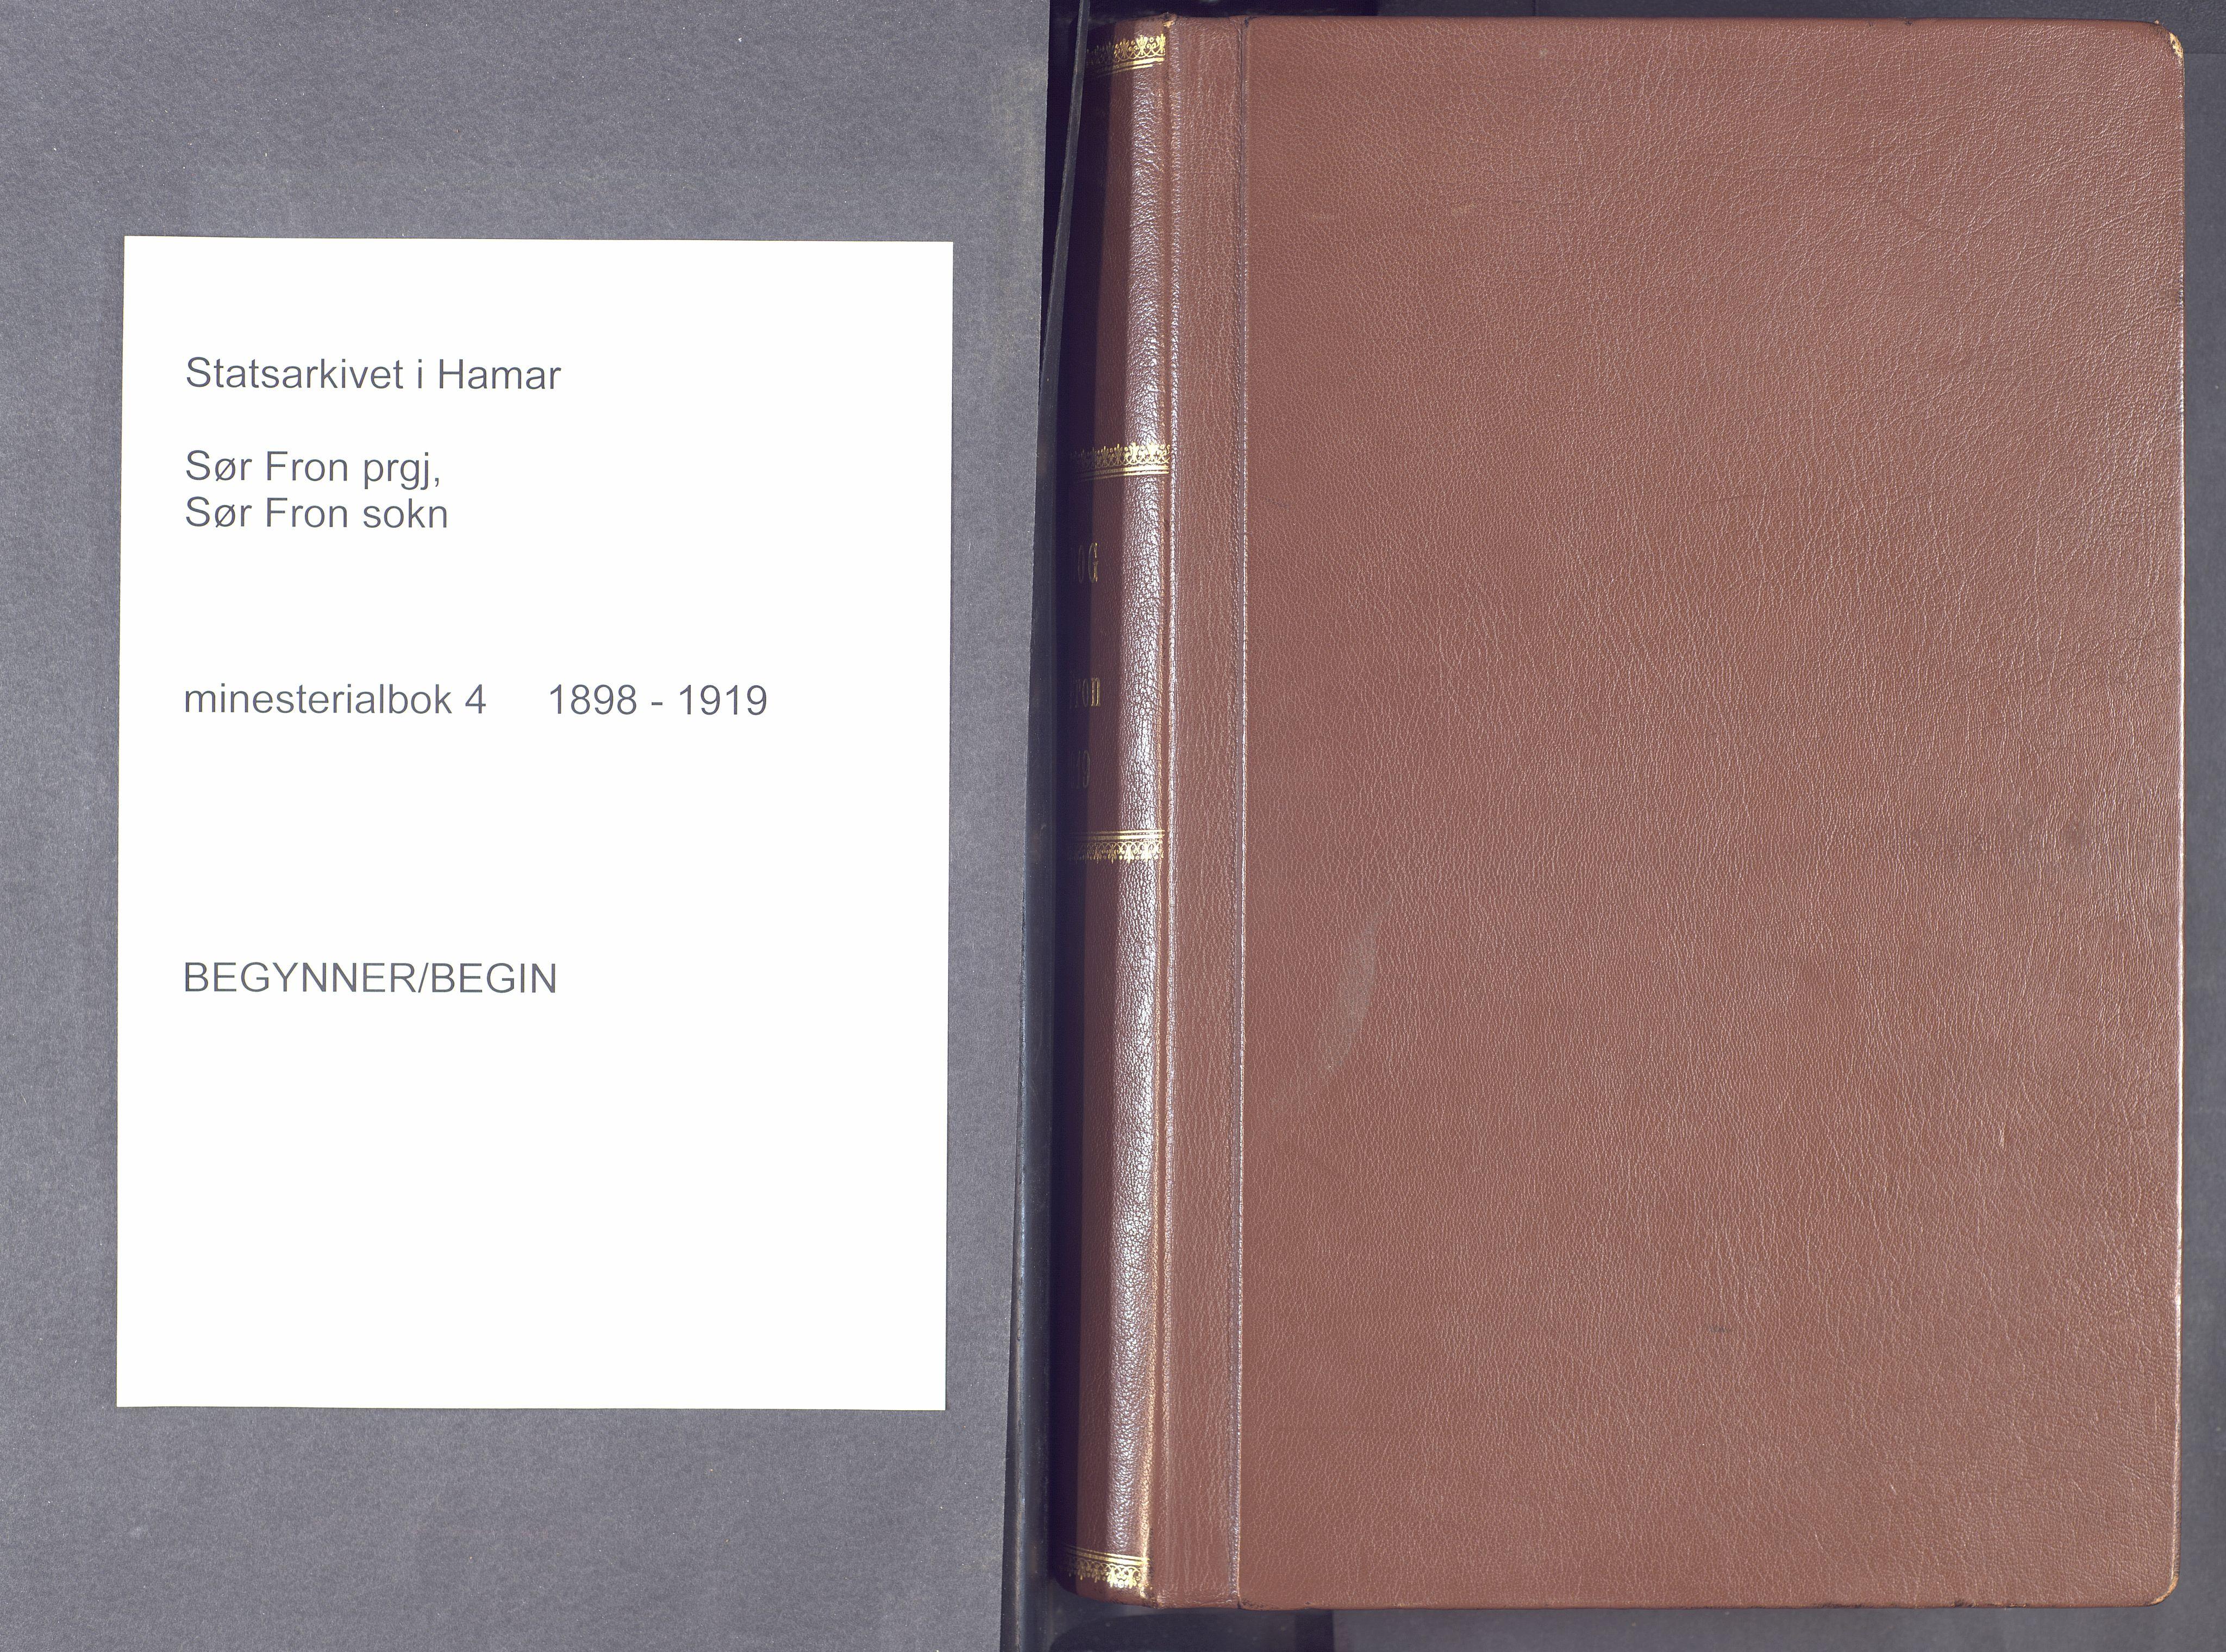 SAH, Sør-Fron prestekontor, H/Ha/Haa/L0004: Ministerialbok nr. 4, 1898-1919